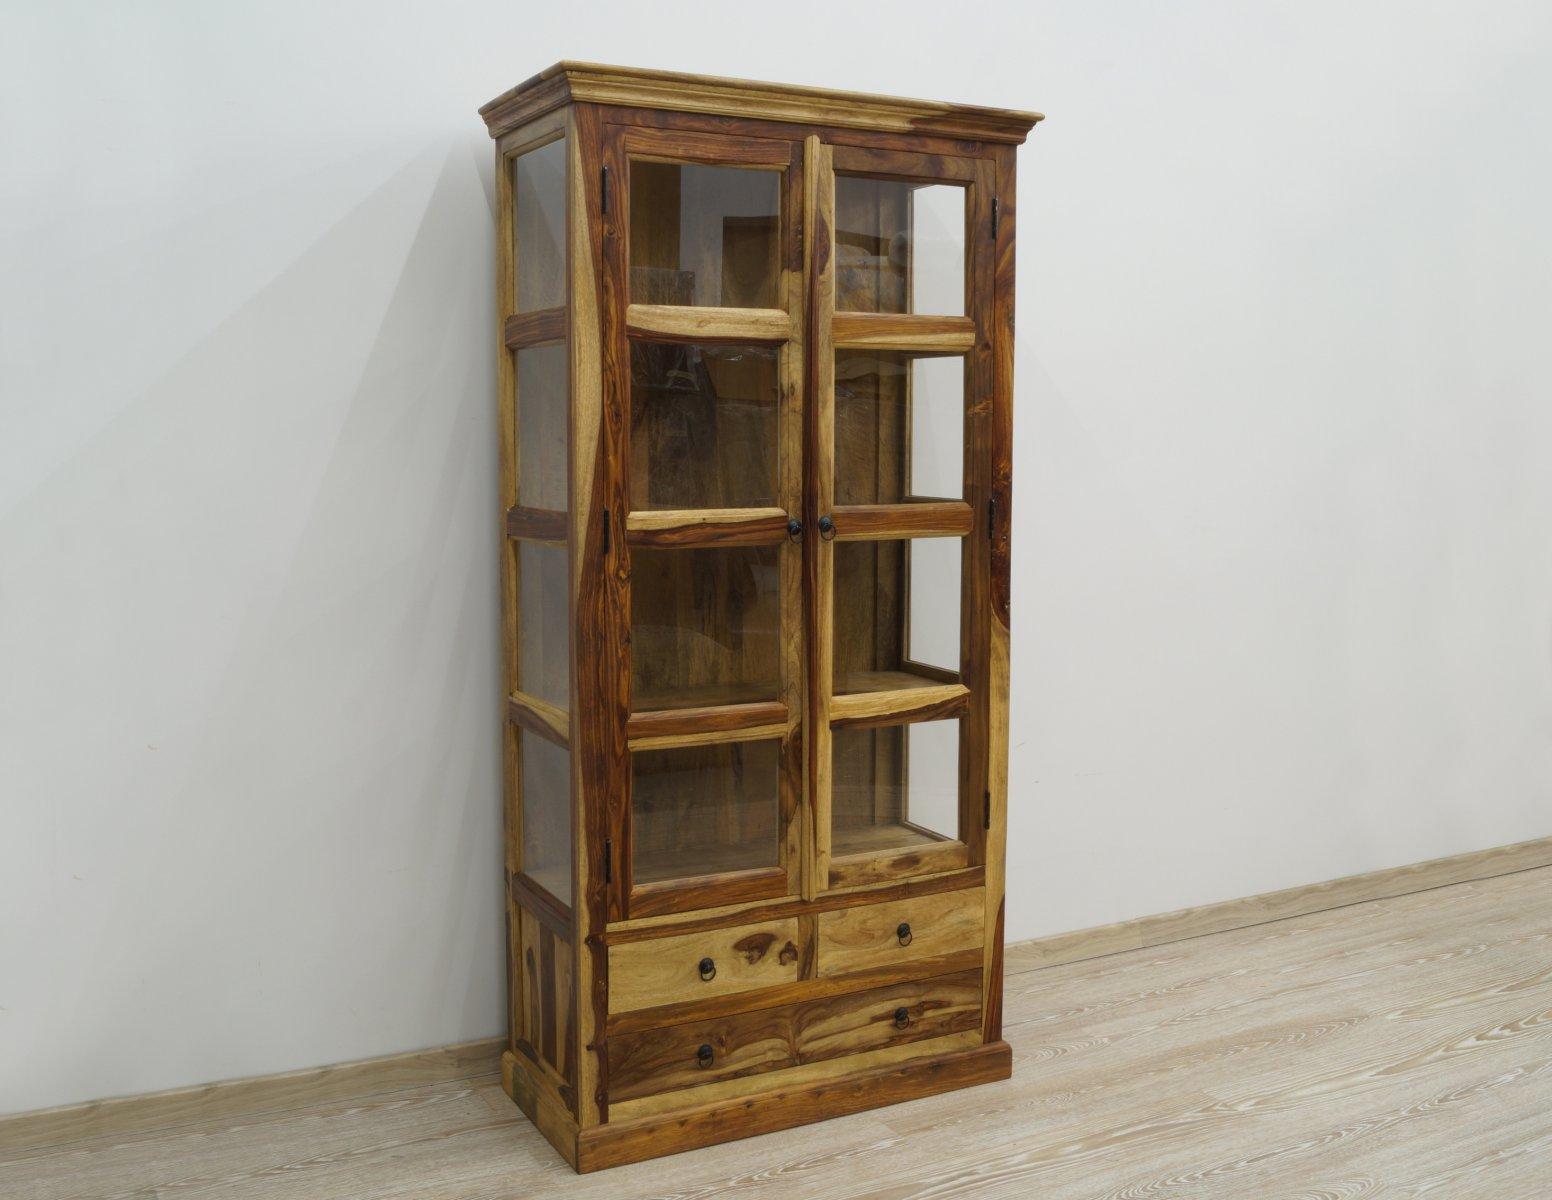 Witryna kolonialna lite drewno palisander dwudrzwiowa z szufladami